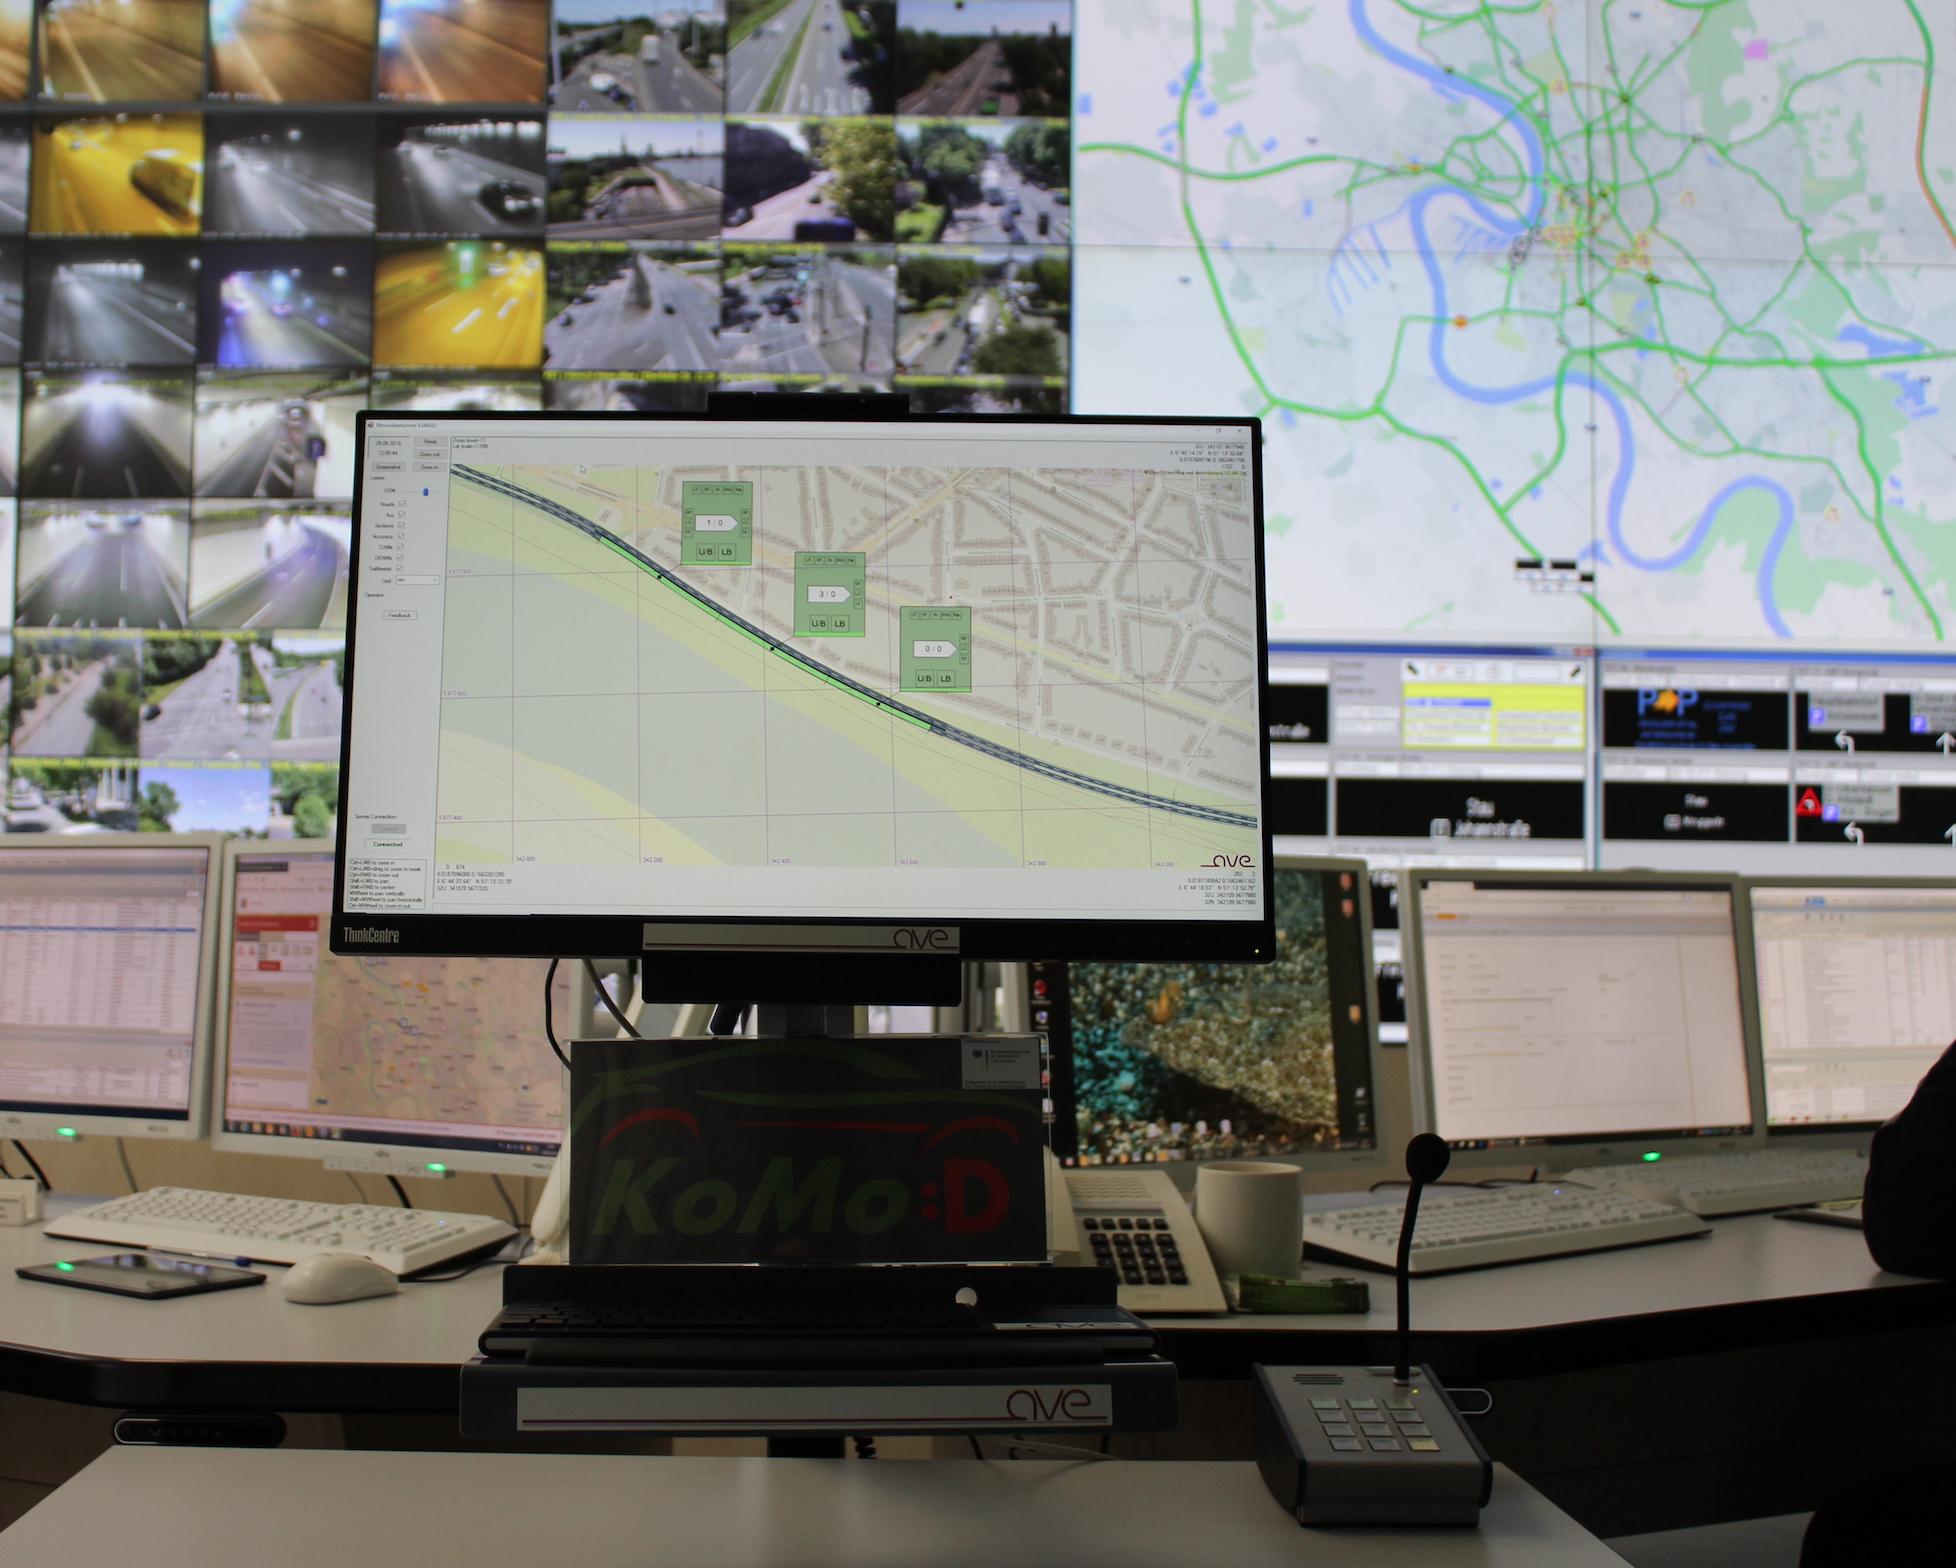 Die Verkehrszentrale Düsseldorf liefert an die Road Side Units im Testfeld digitale Daten über etwaige Sperrungen oder Tempolimits im Tunnel. Abbildung: KoMoD